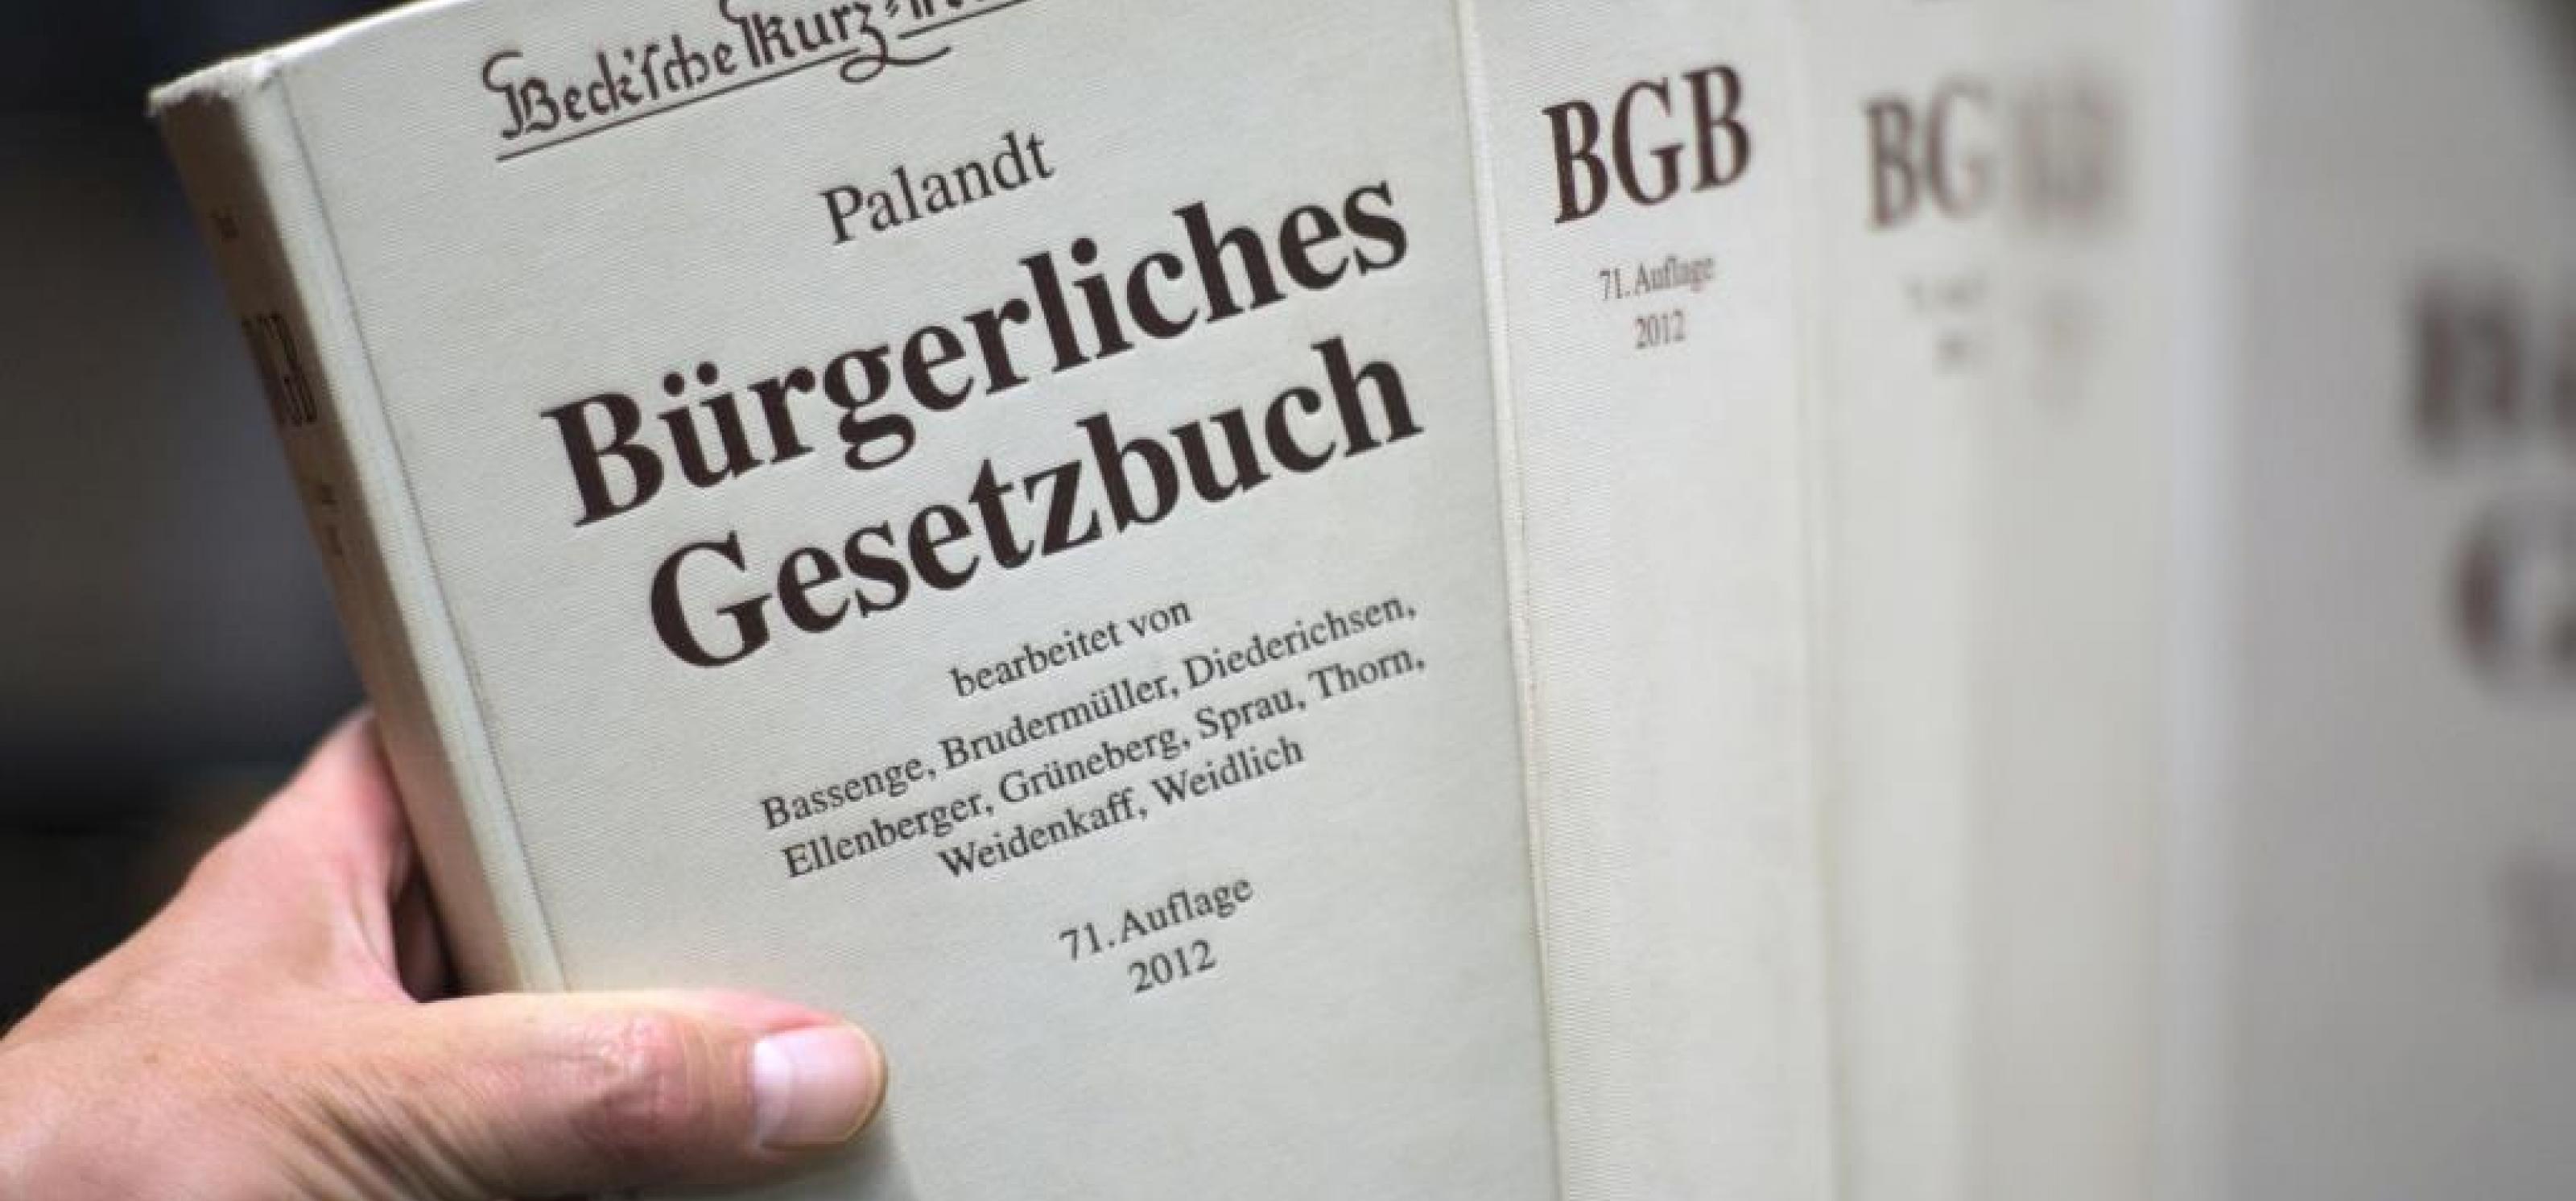 Eine Hand greift einen Band des Bürgerlichen Gesetzbuches aus einem Regal